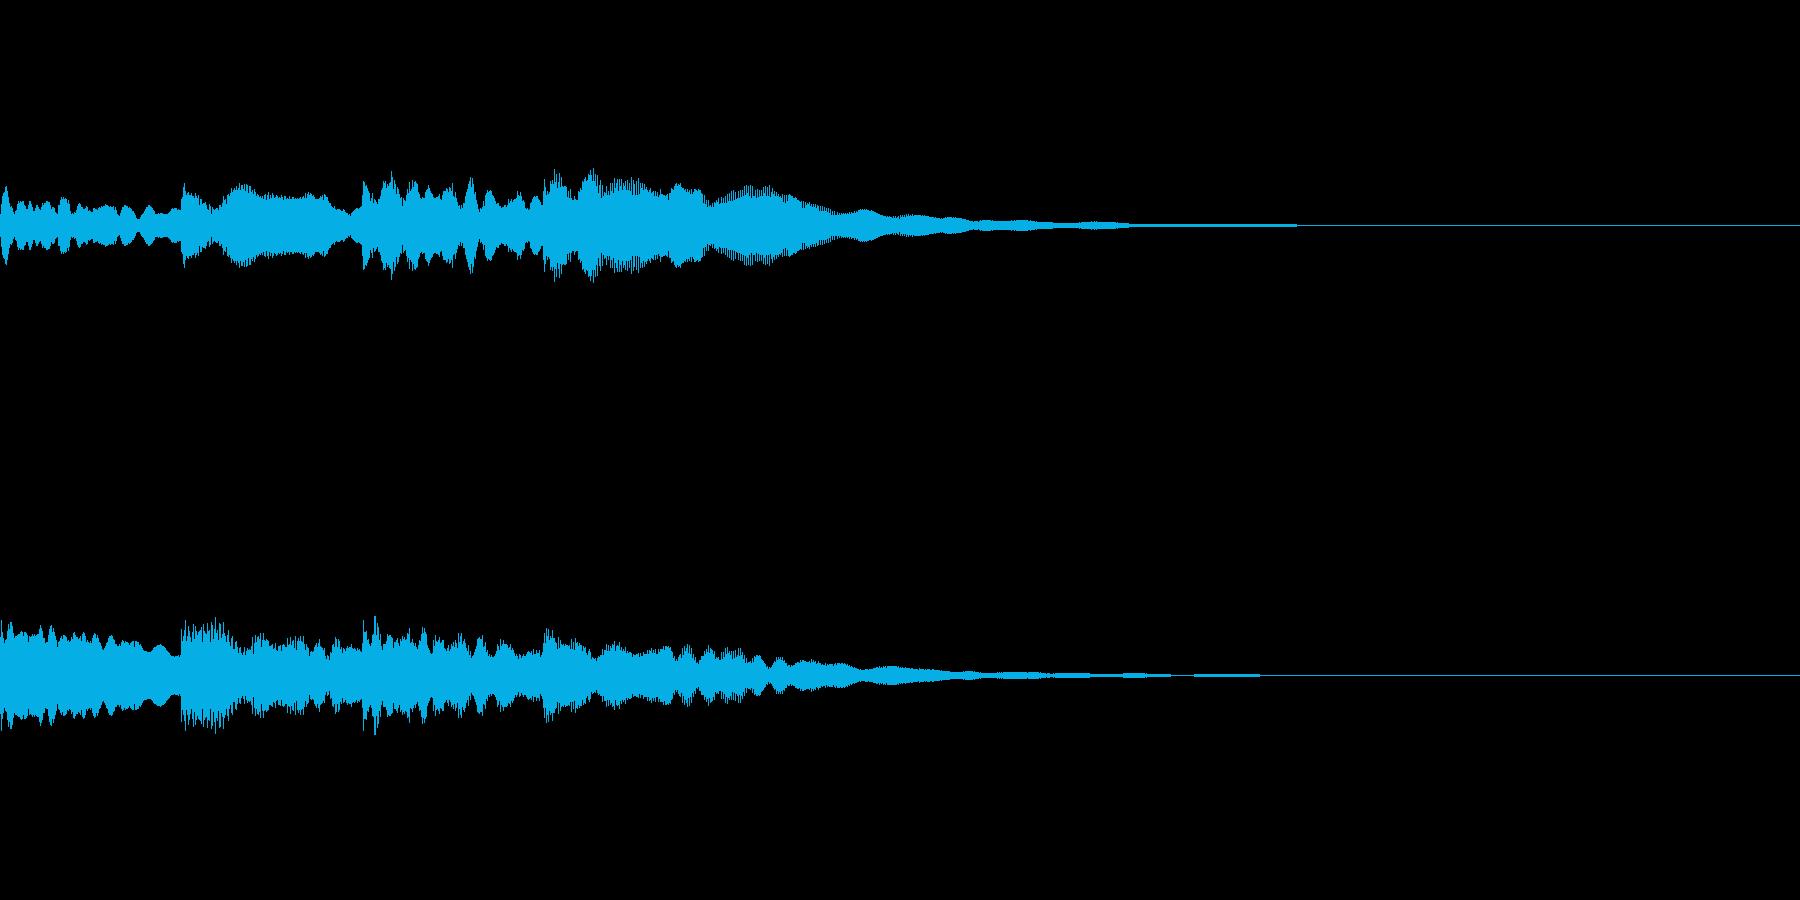 場面転換に使えるチャイムの効果音。の再生済みの波形